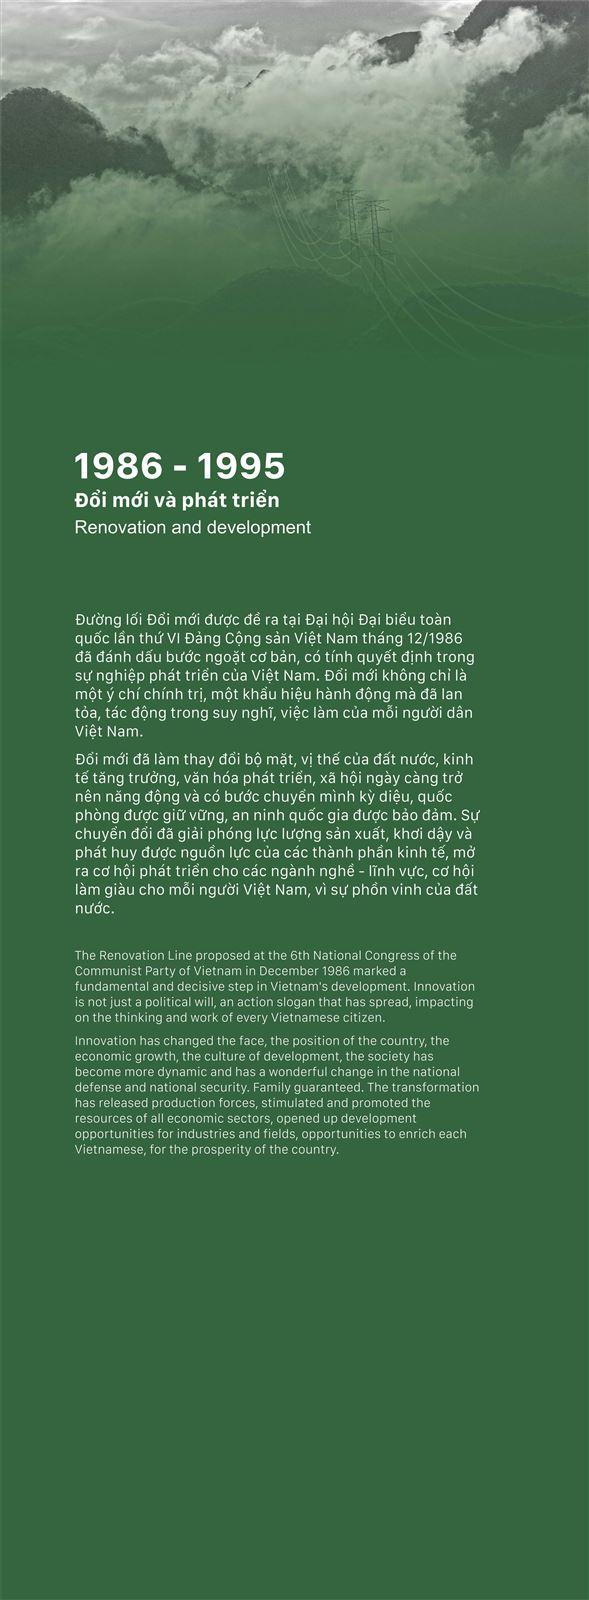 Chủ đề 3: Đổi mới và phát triển (1986 - 1995)